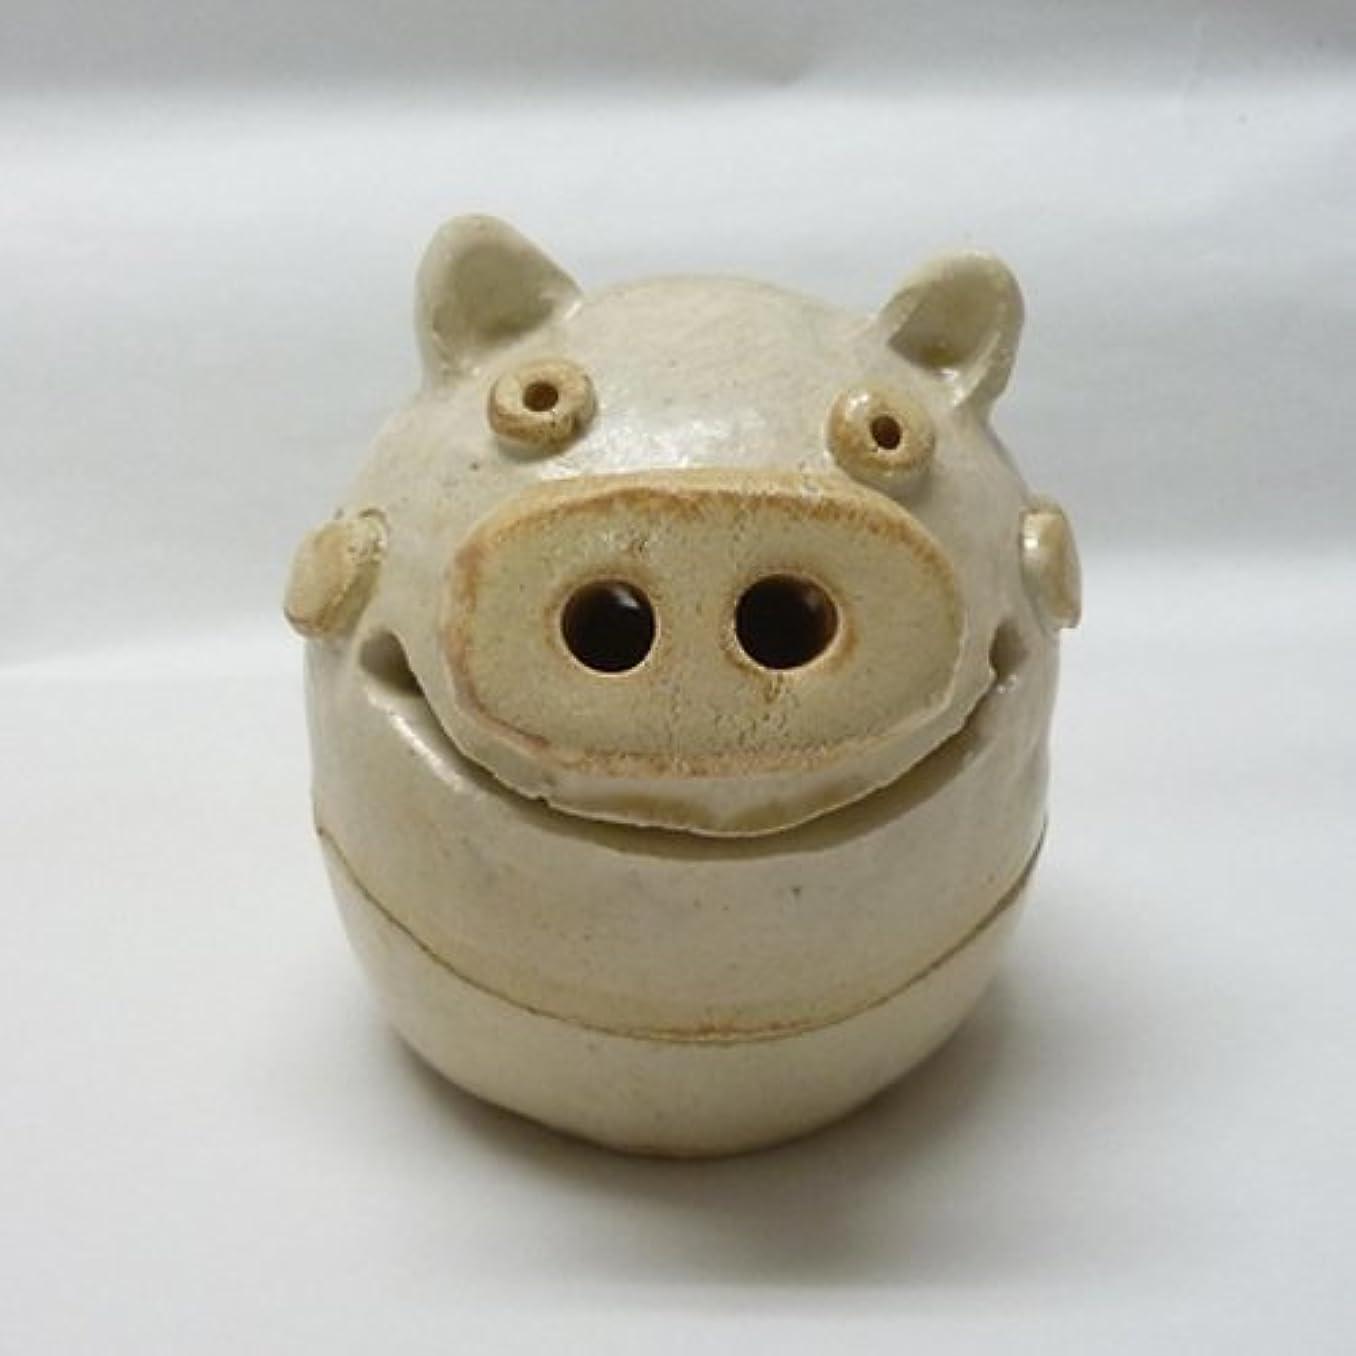 感度セントモバイル香炉 ぶた君 香炉(白) [H9cm] HANDMADE プレゼント ギフト 和食器 かわいい インテリア